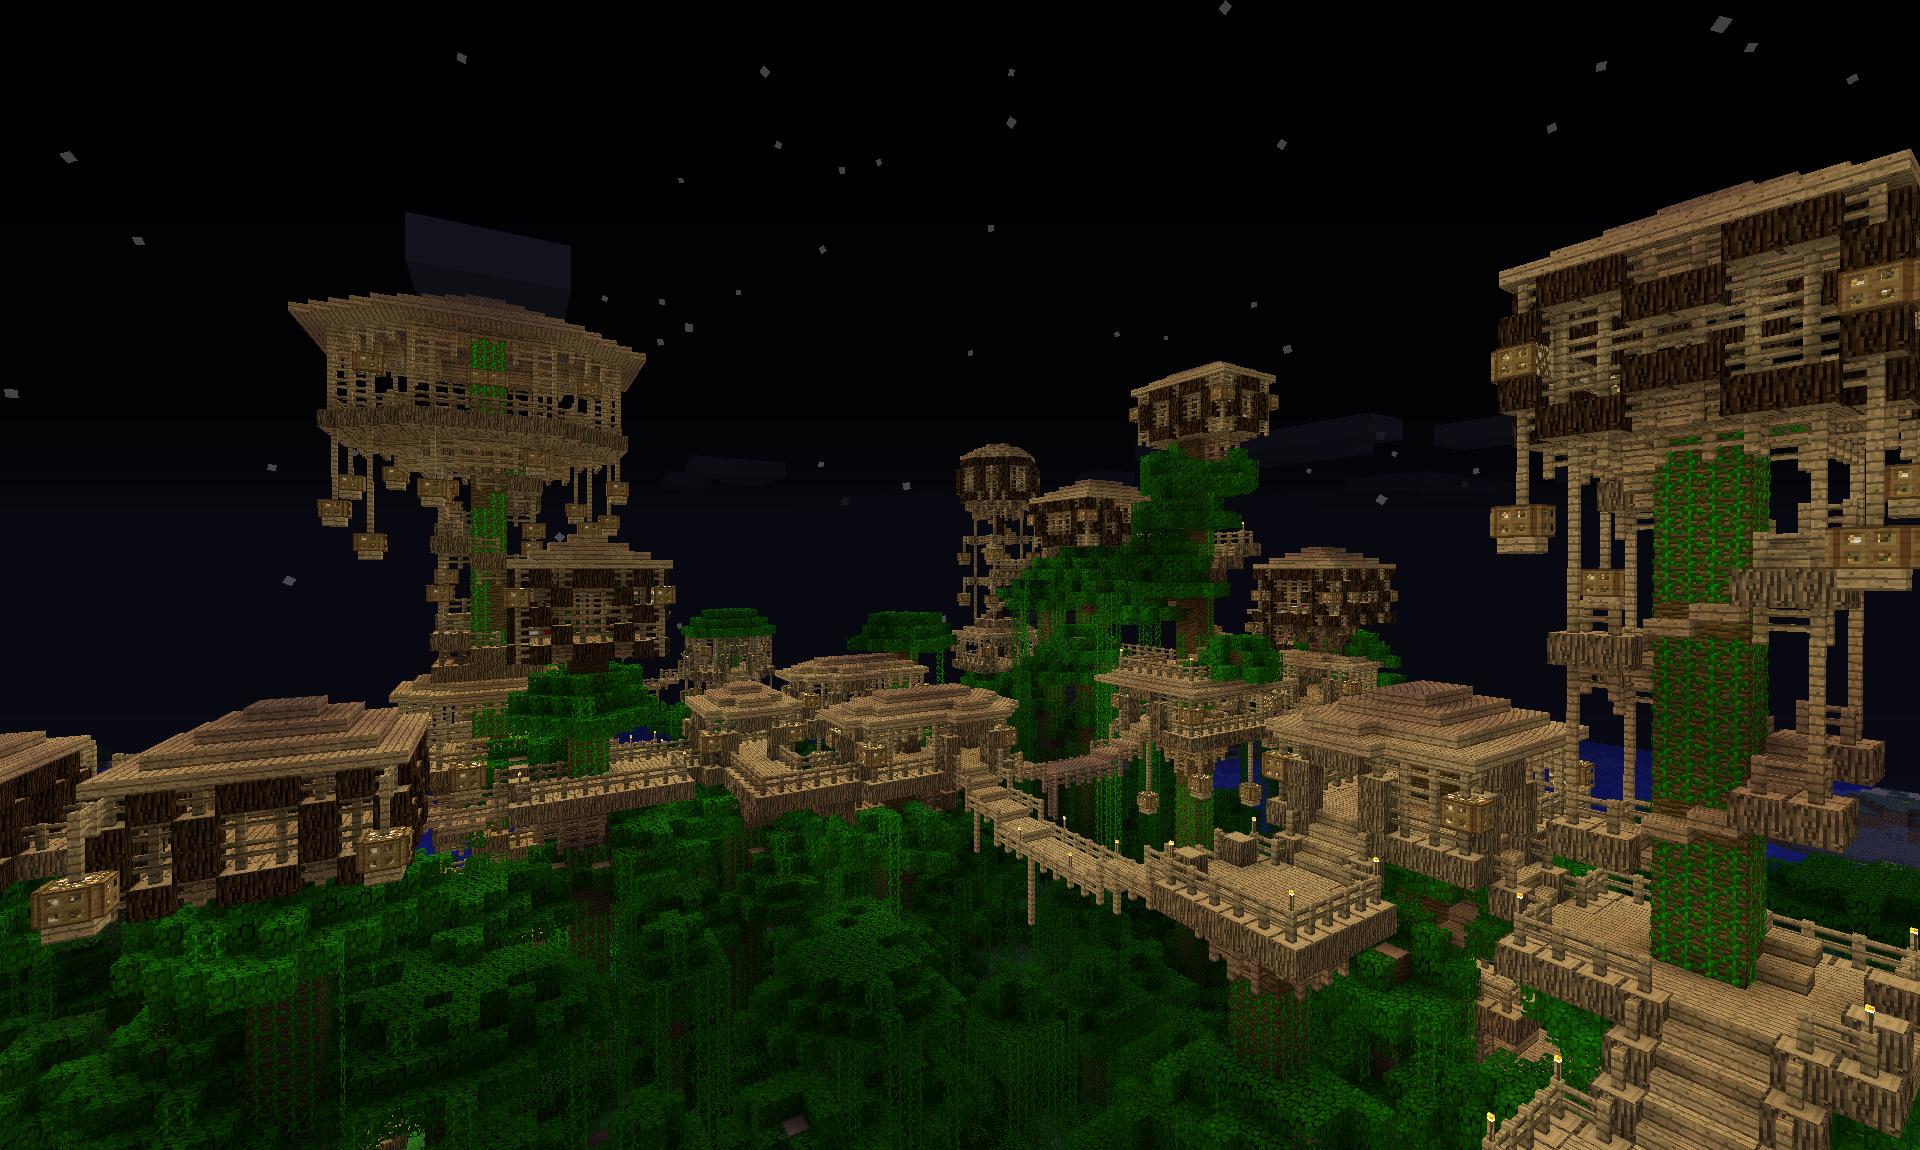 Jungle Tree Village Dschungelhaus Minecraft Projekte Minecraft